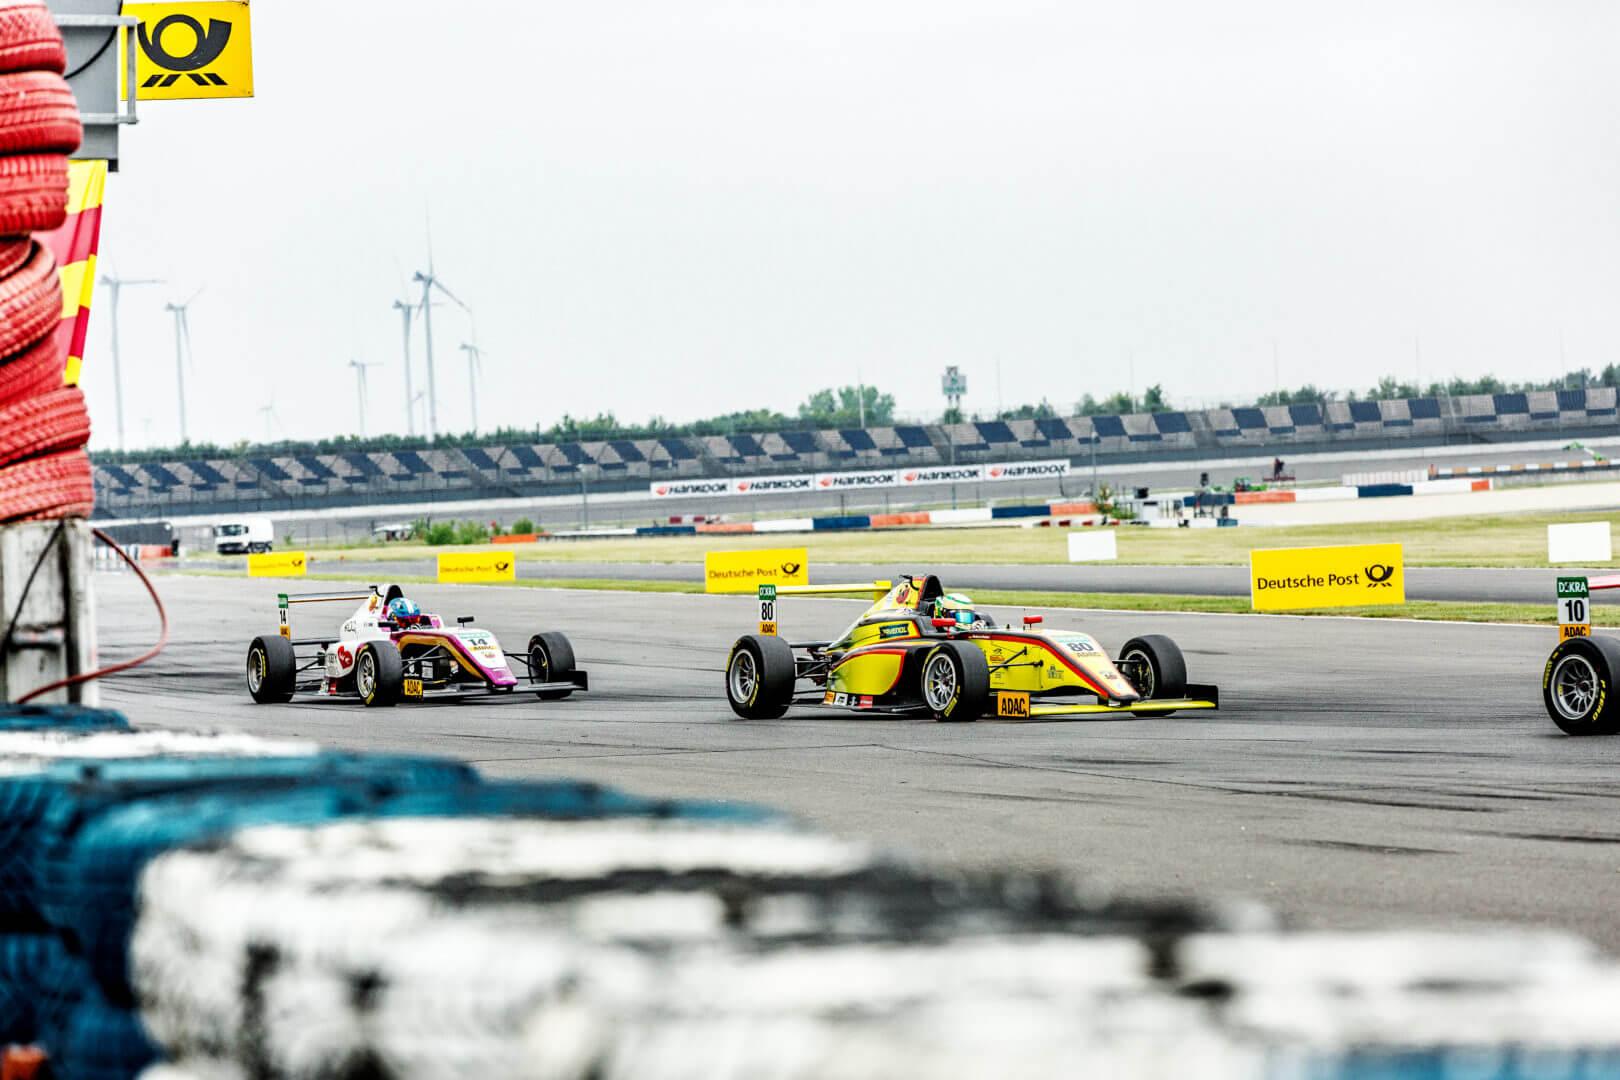 Formel Autos auf der Rennstrecke